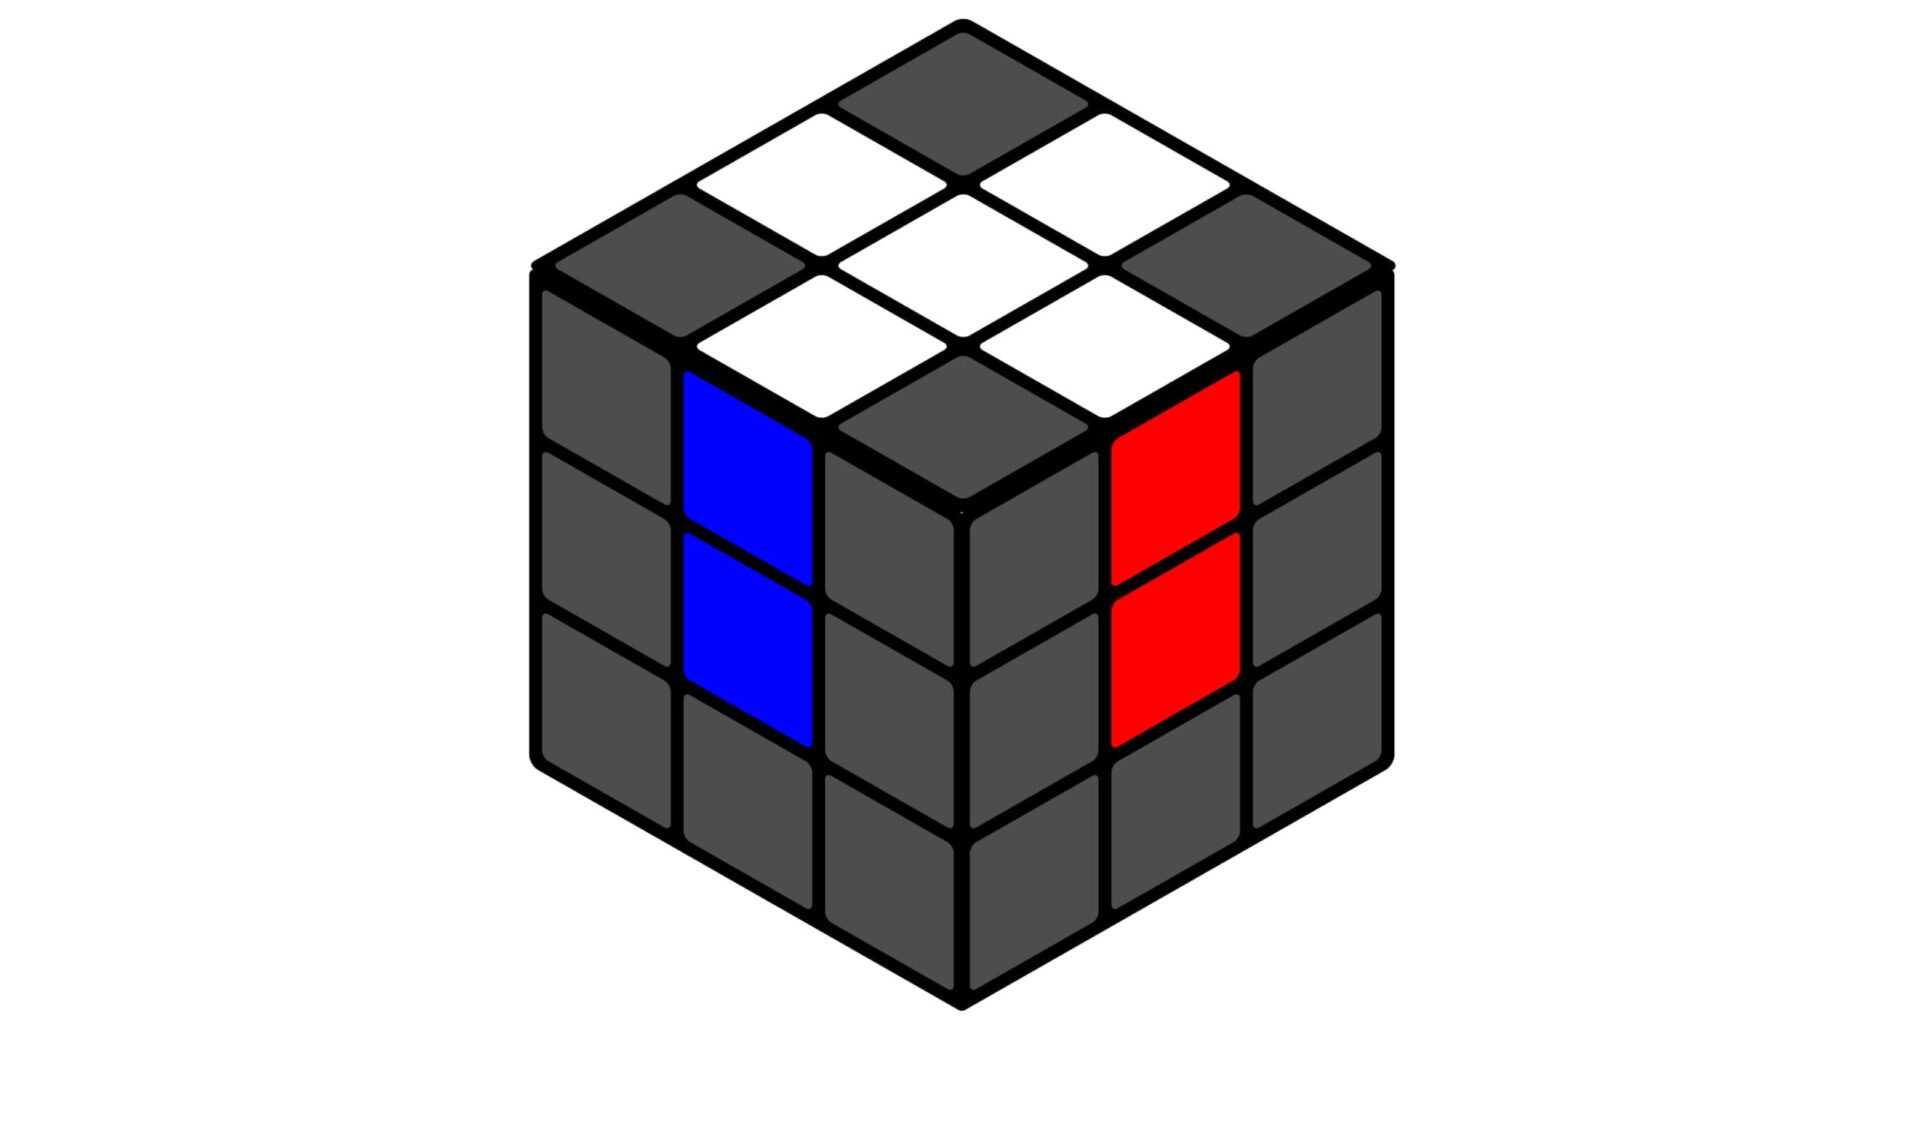 Кубик Рубика правильный крест